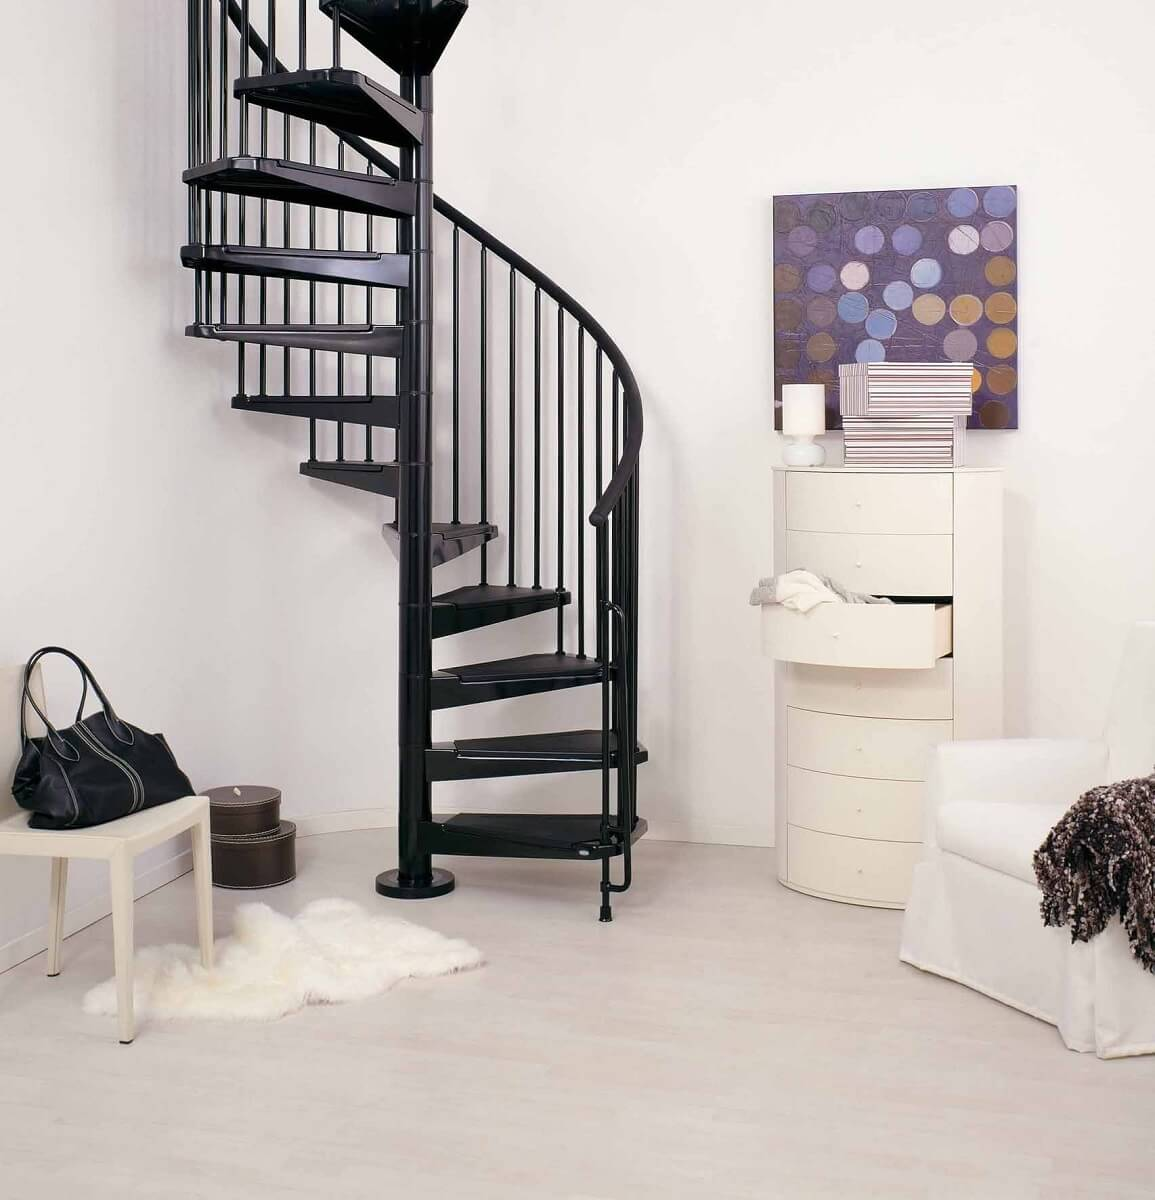 Sala minimalista decorada com escada de ferro